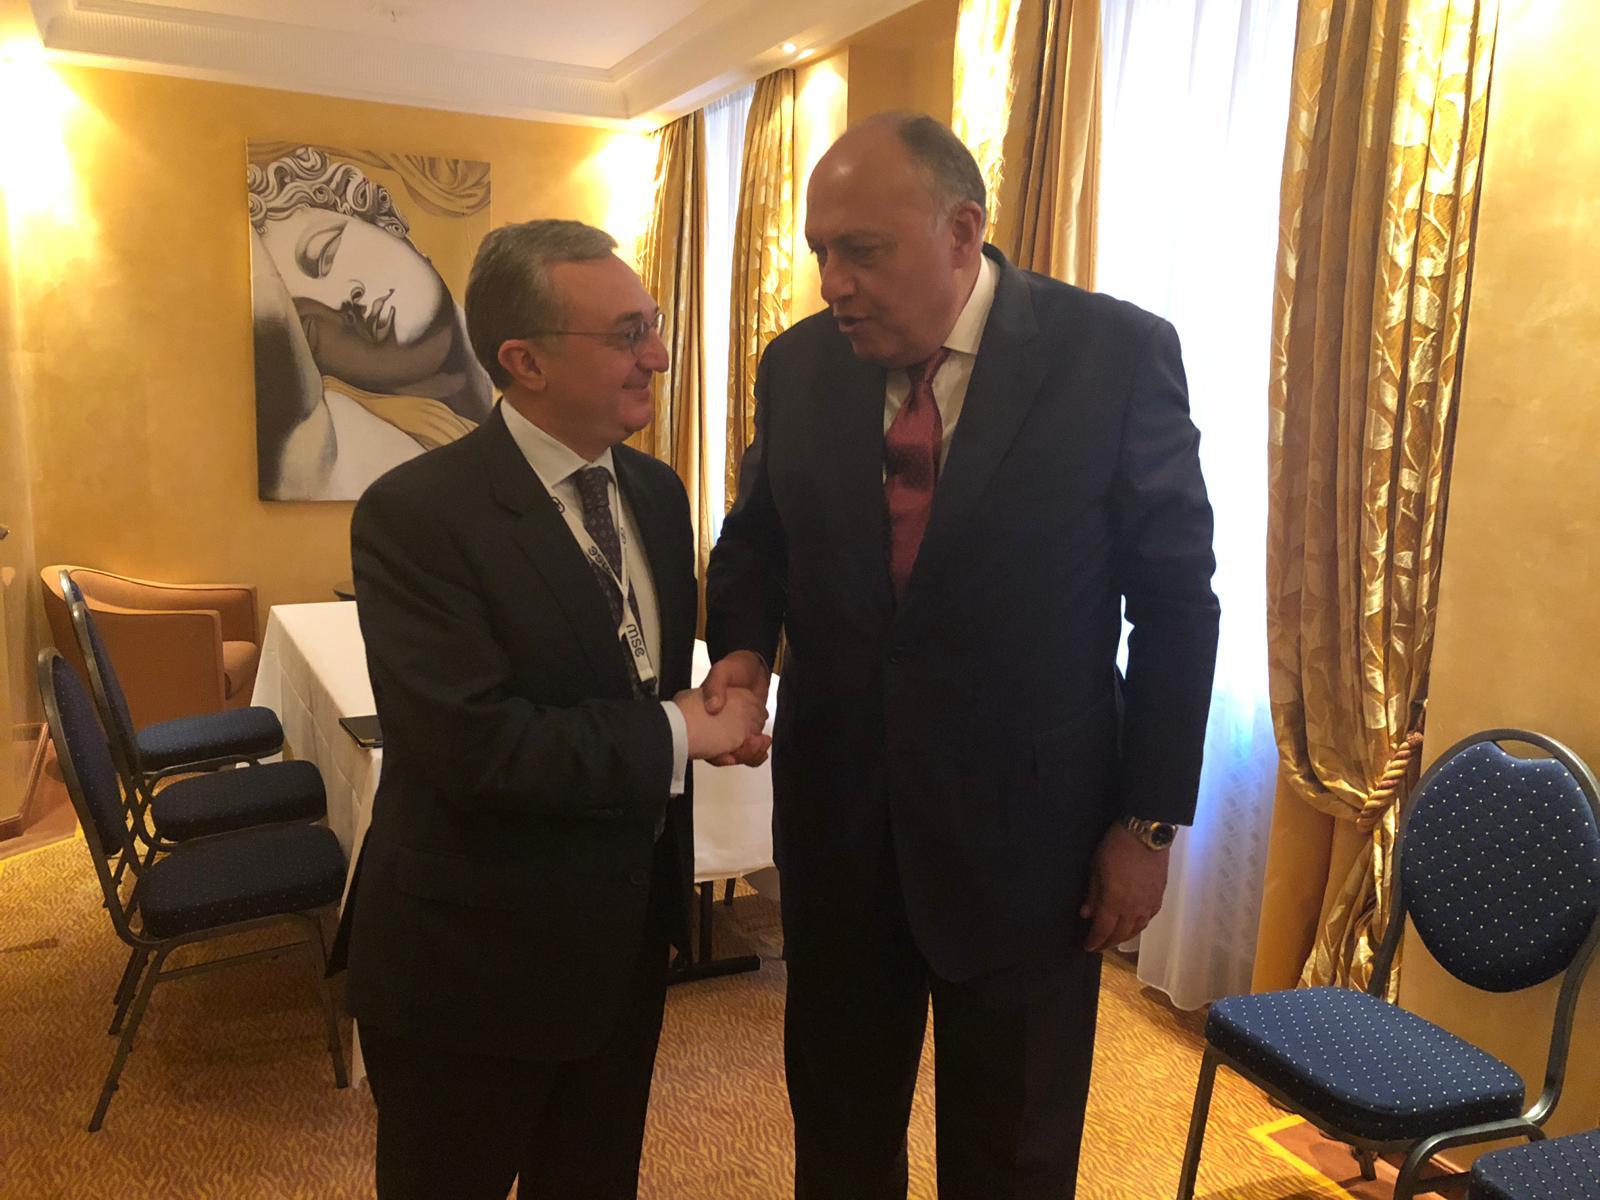 وزير الخارجية يبحث نظيره الأرميني سبل التعاون على هامش مؤتمر ميونخ للأمن